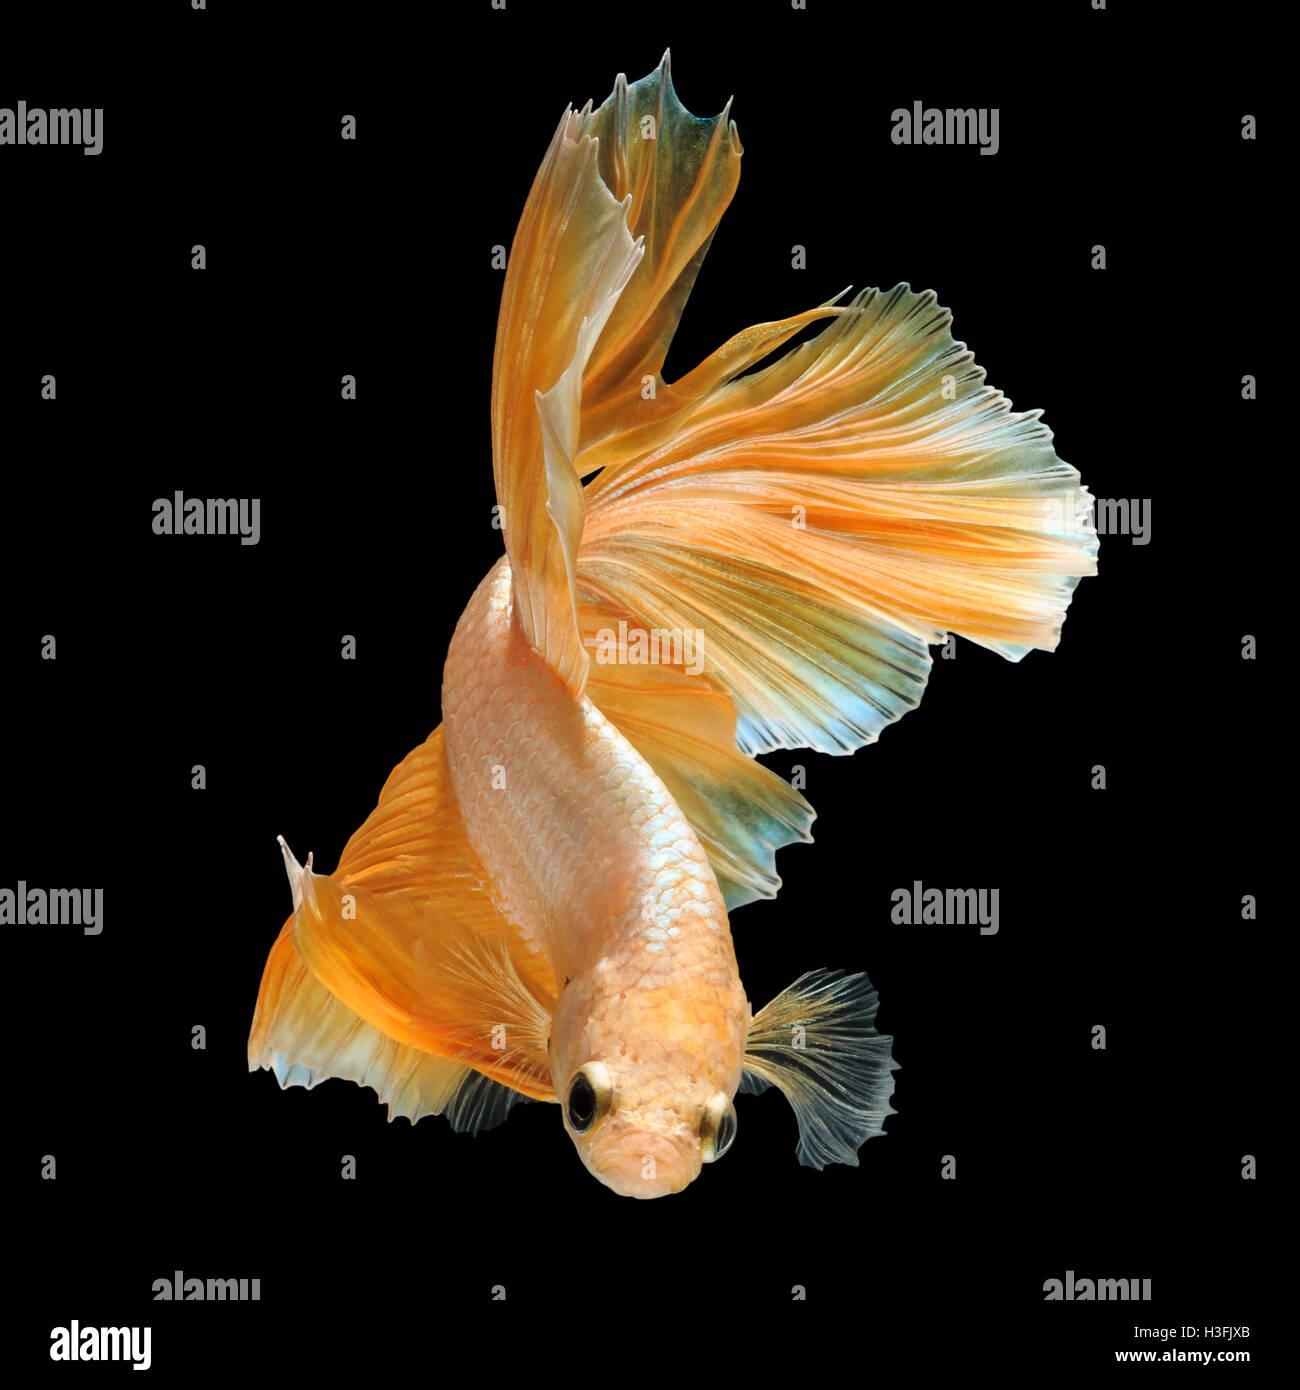 Gold dragon fish roblox dragon ball super 2 golden freeza mission